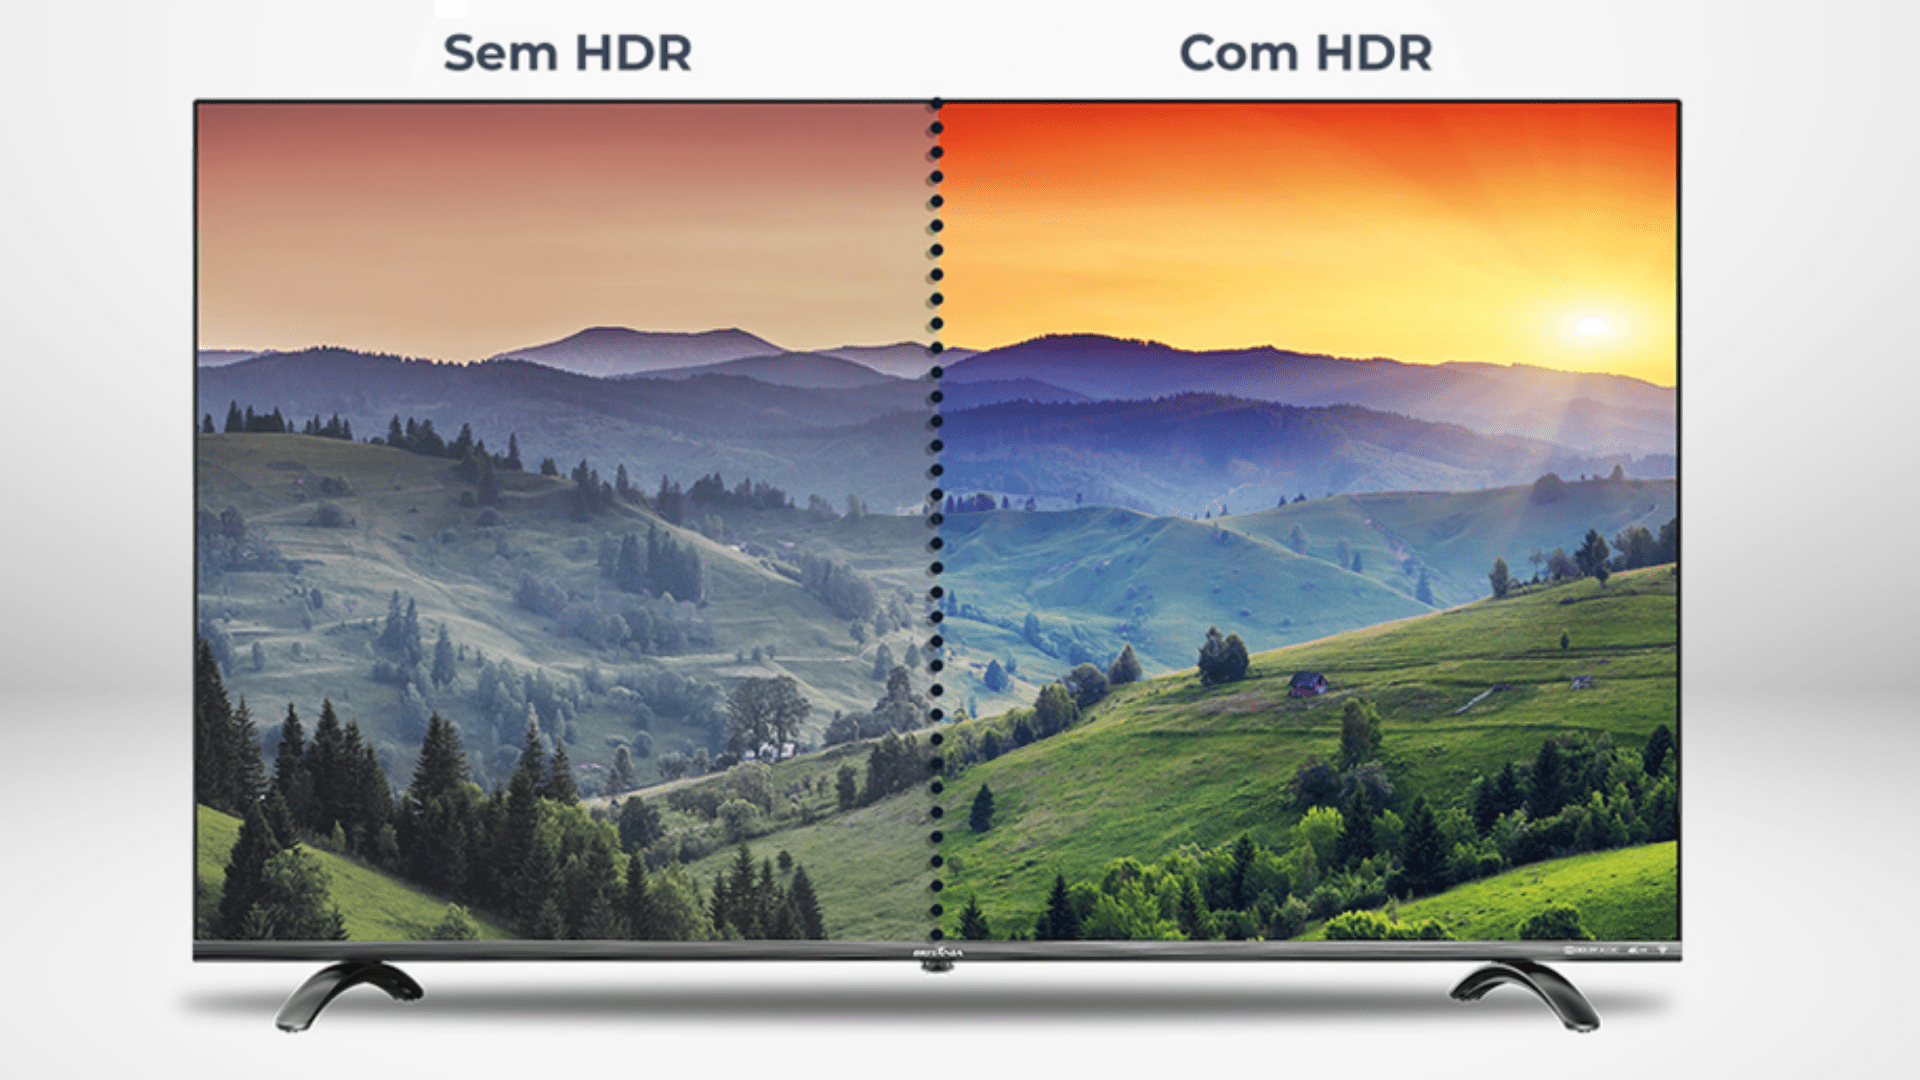 As TVs da Britânia contam com HDR para aperfeiçoar o brilho e contraste das cenas. (Imagem: Divulgação/Britânia)